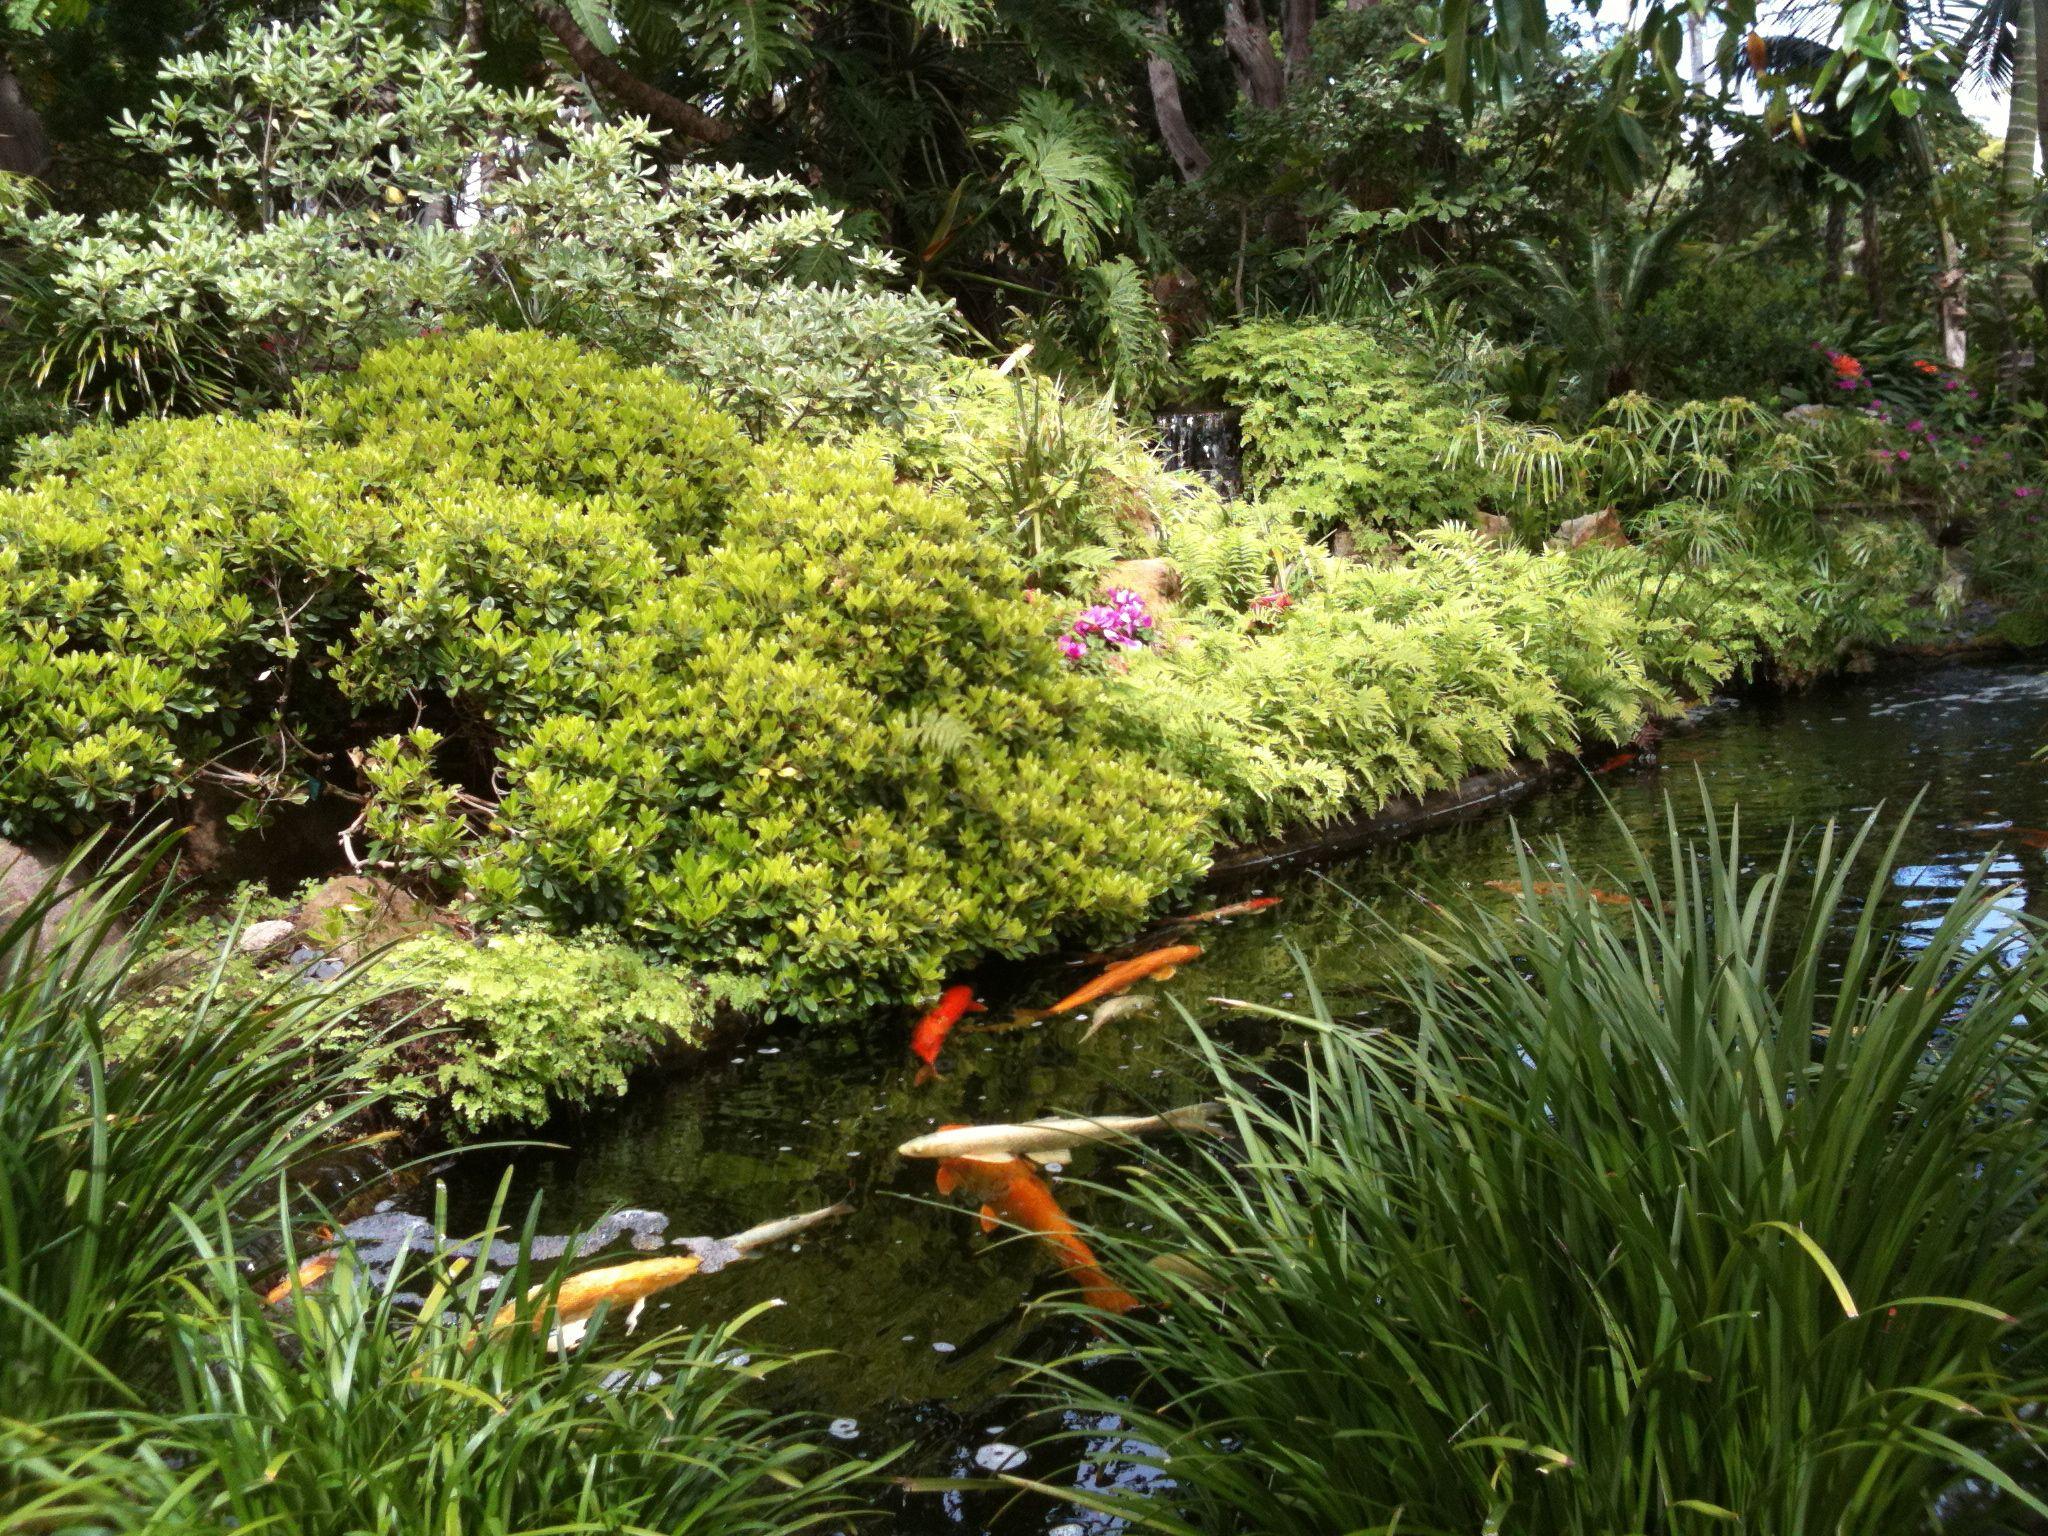 f38a2ead90043abef204473e09e3e1b3 - Self Realization Fellowship Meditation Gardens Encinitas